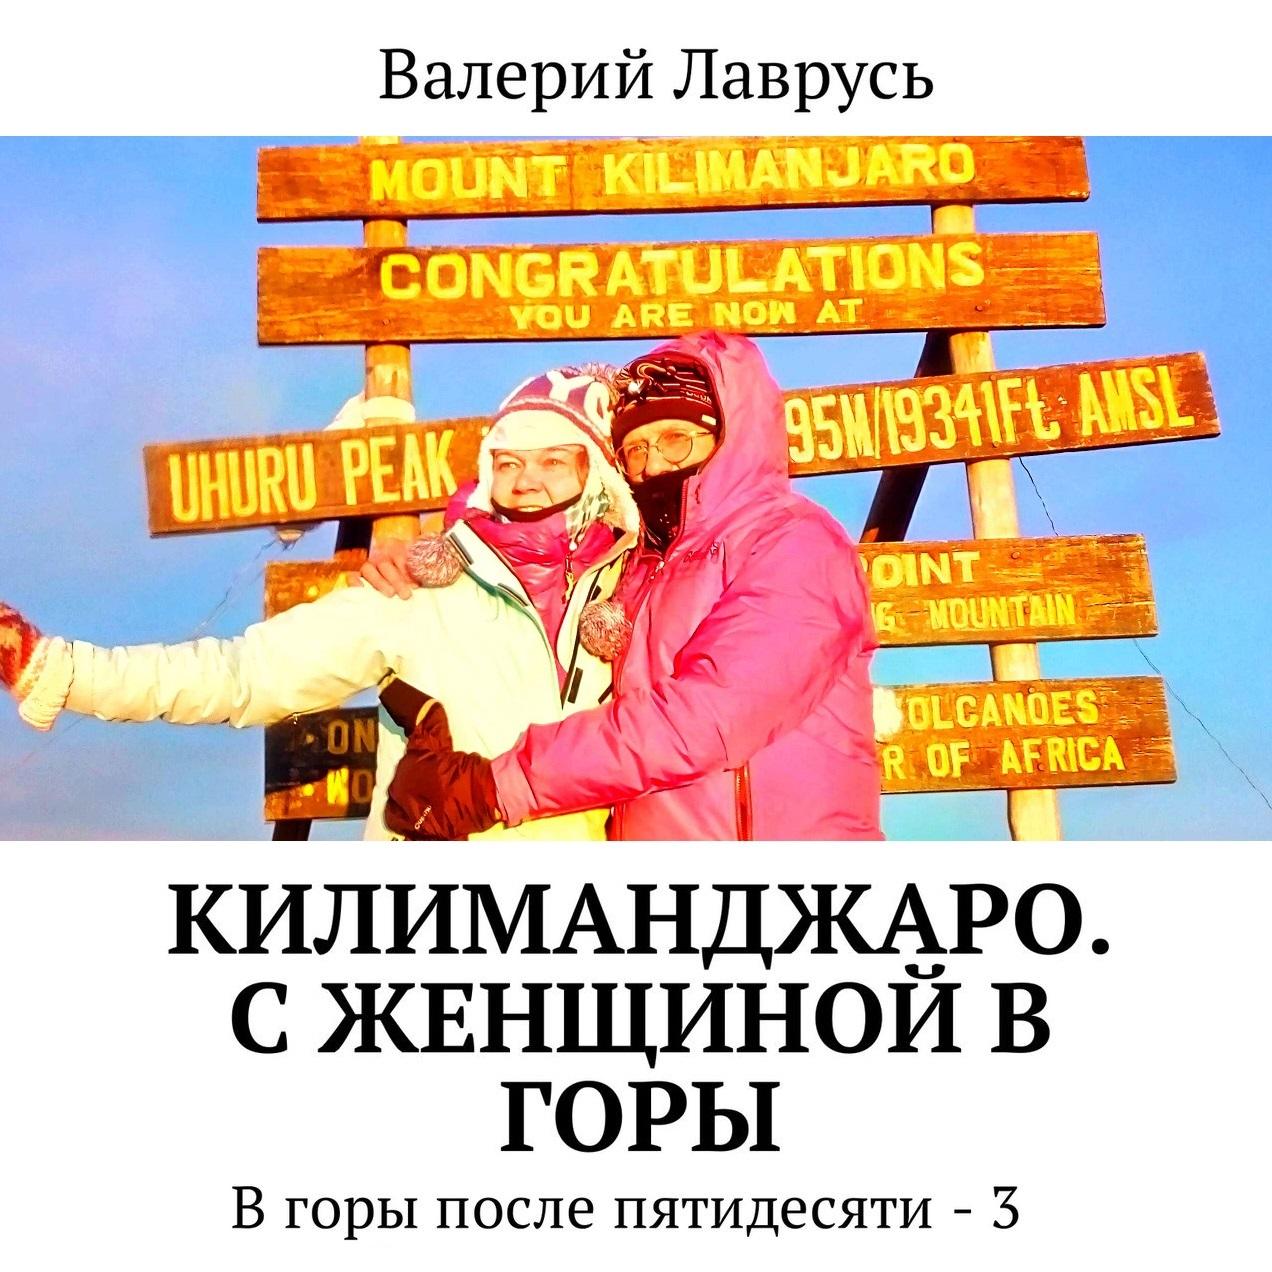 Купить книгу Килиманджаро. С женщиной в горы. В горы после пятидесяти – 3, автора Валерия Лаврусь